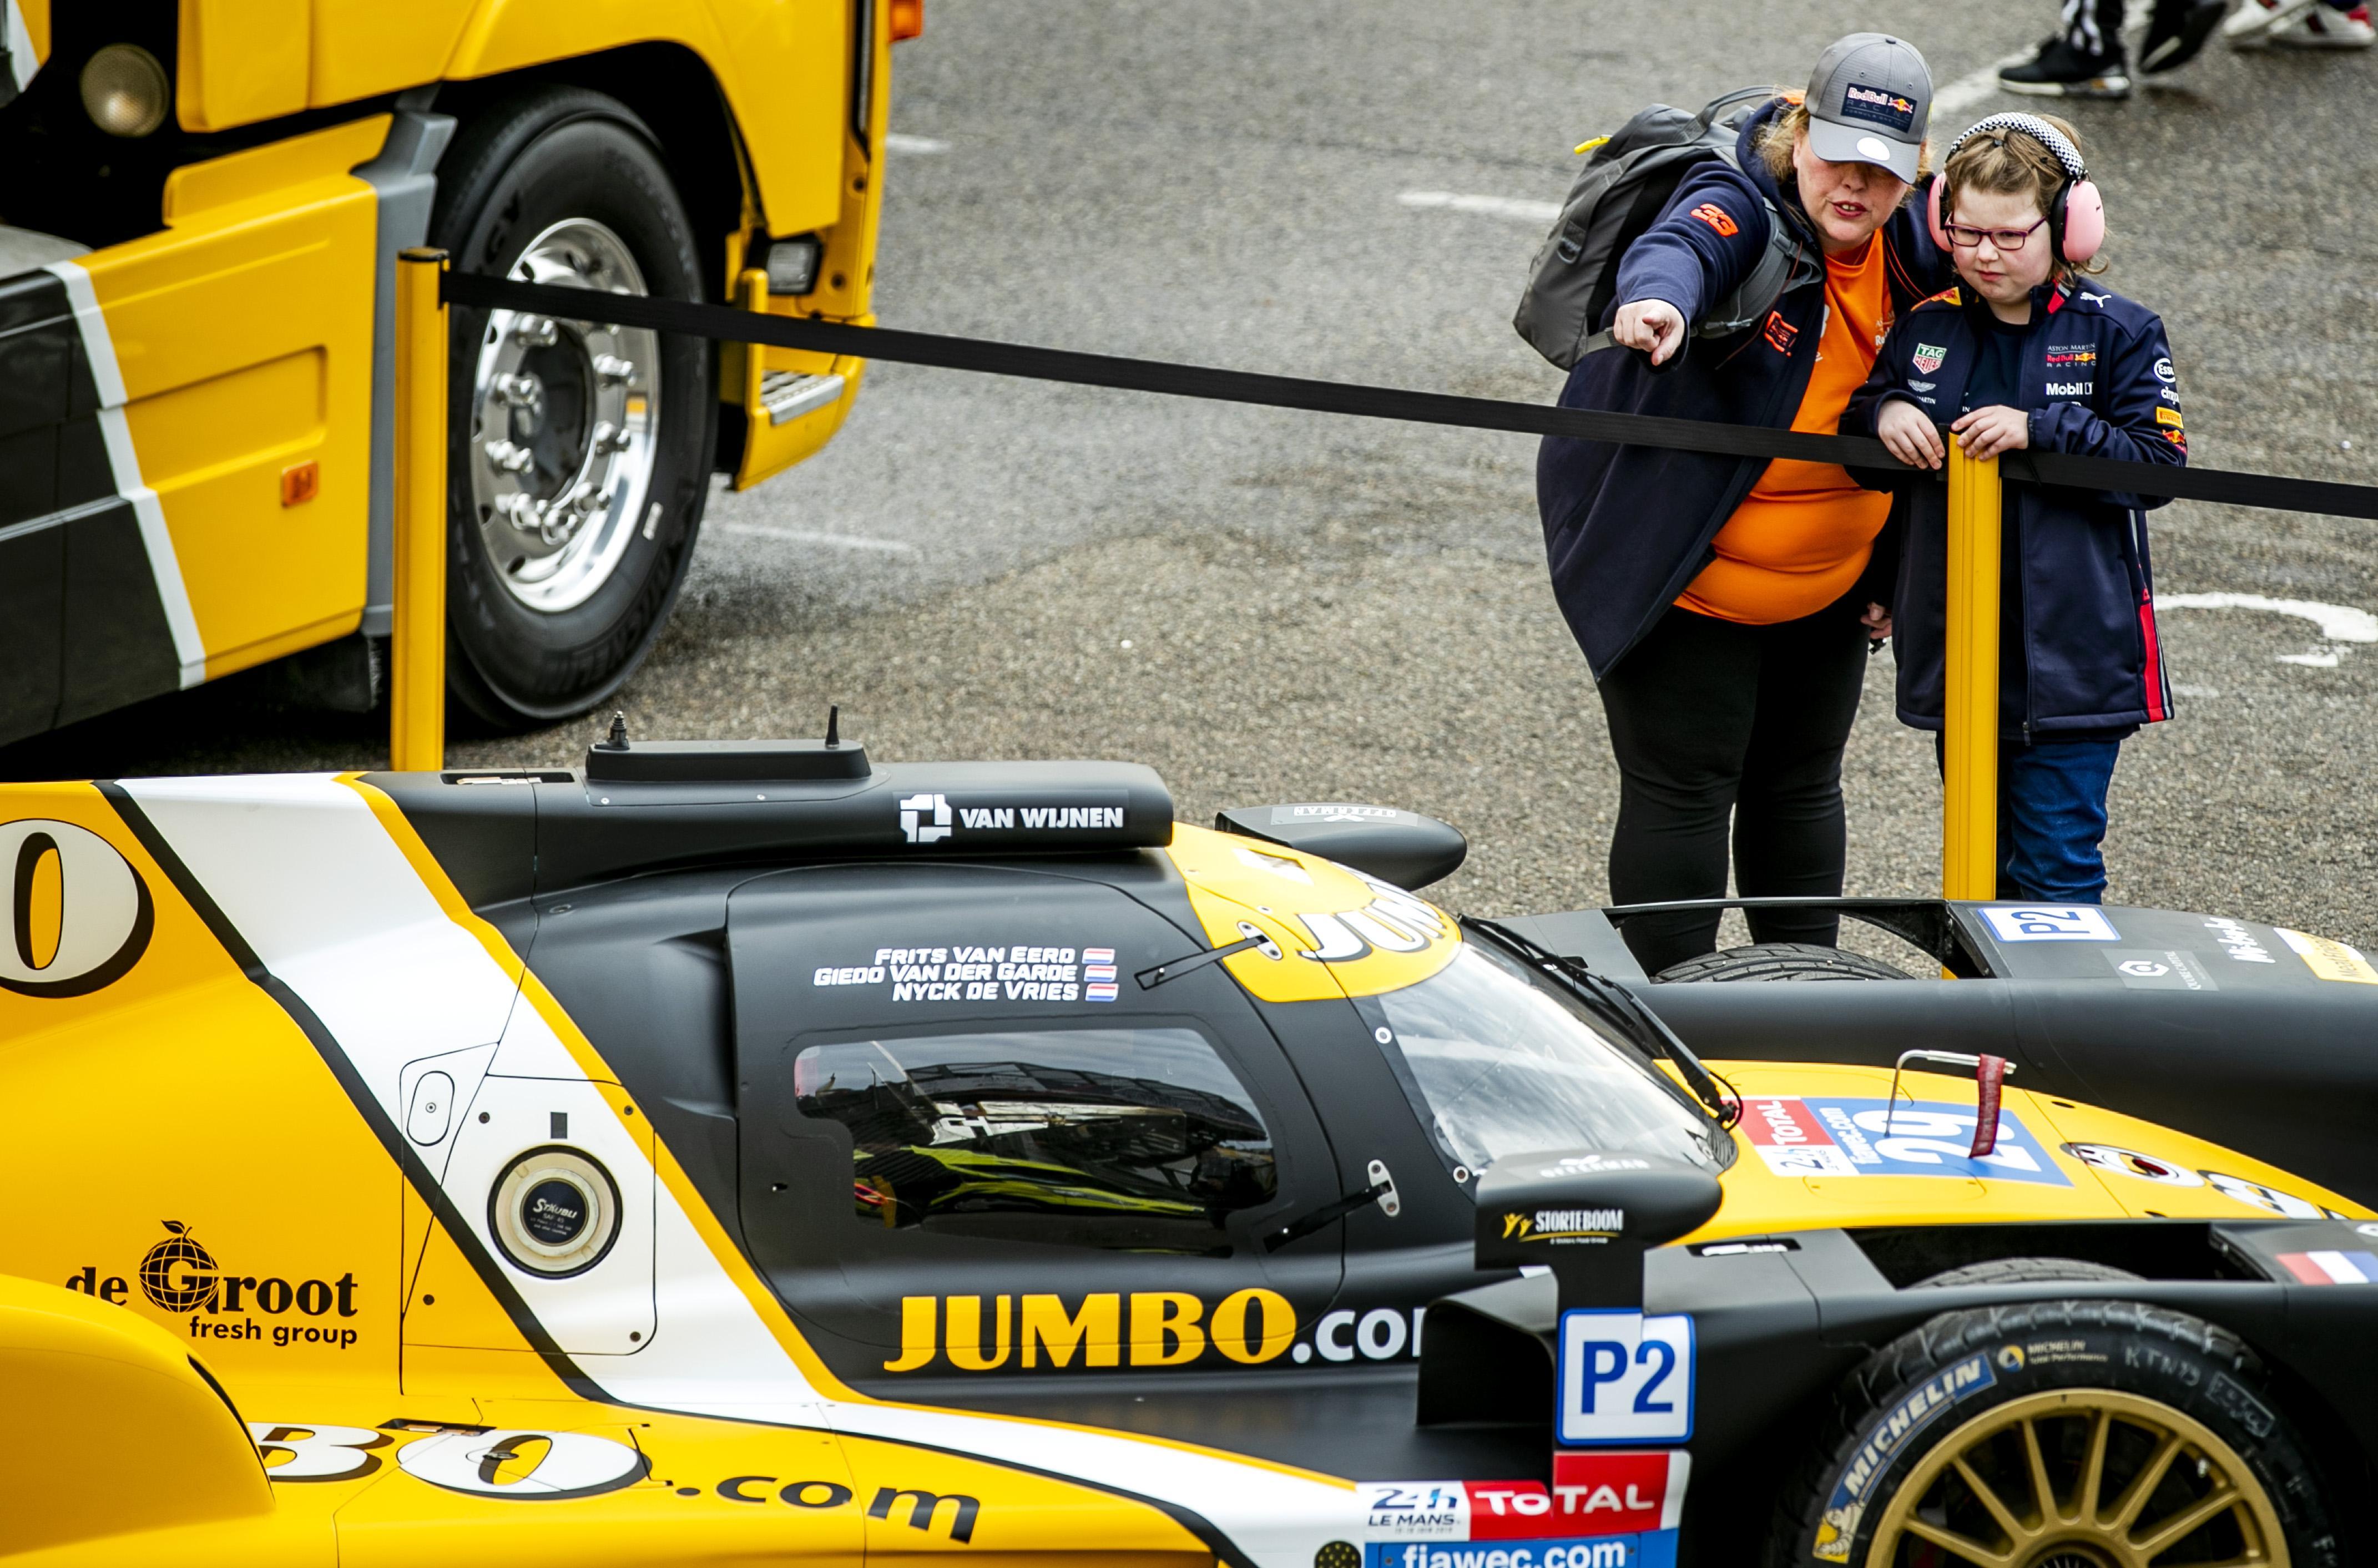 Door Jumbo Racedagen verwachte verkeersdrukte in Zandvoort valt mee